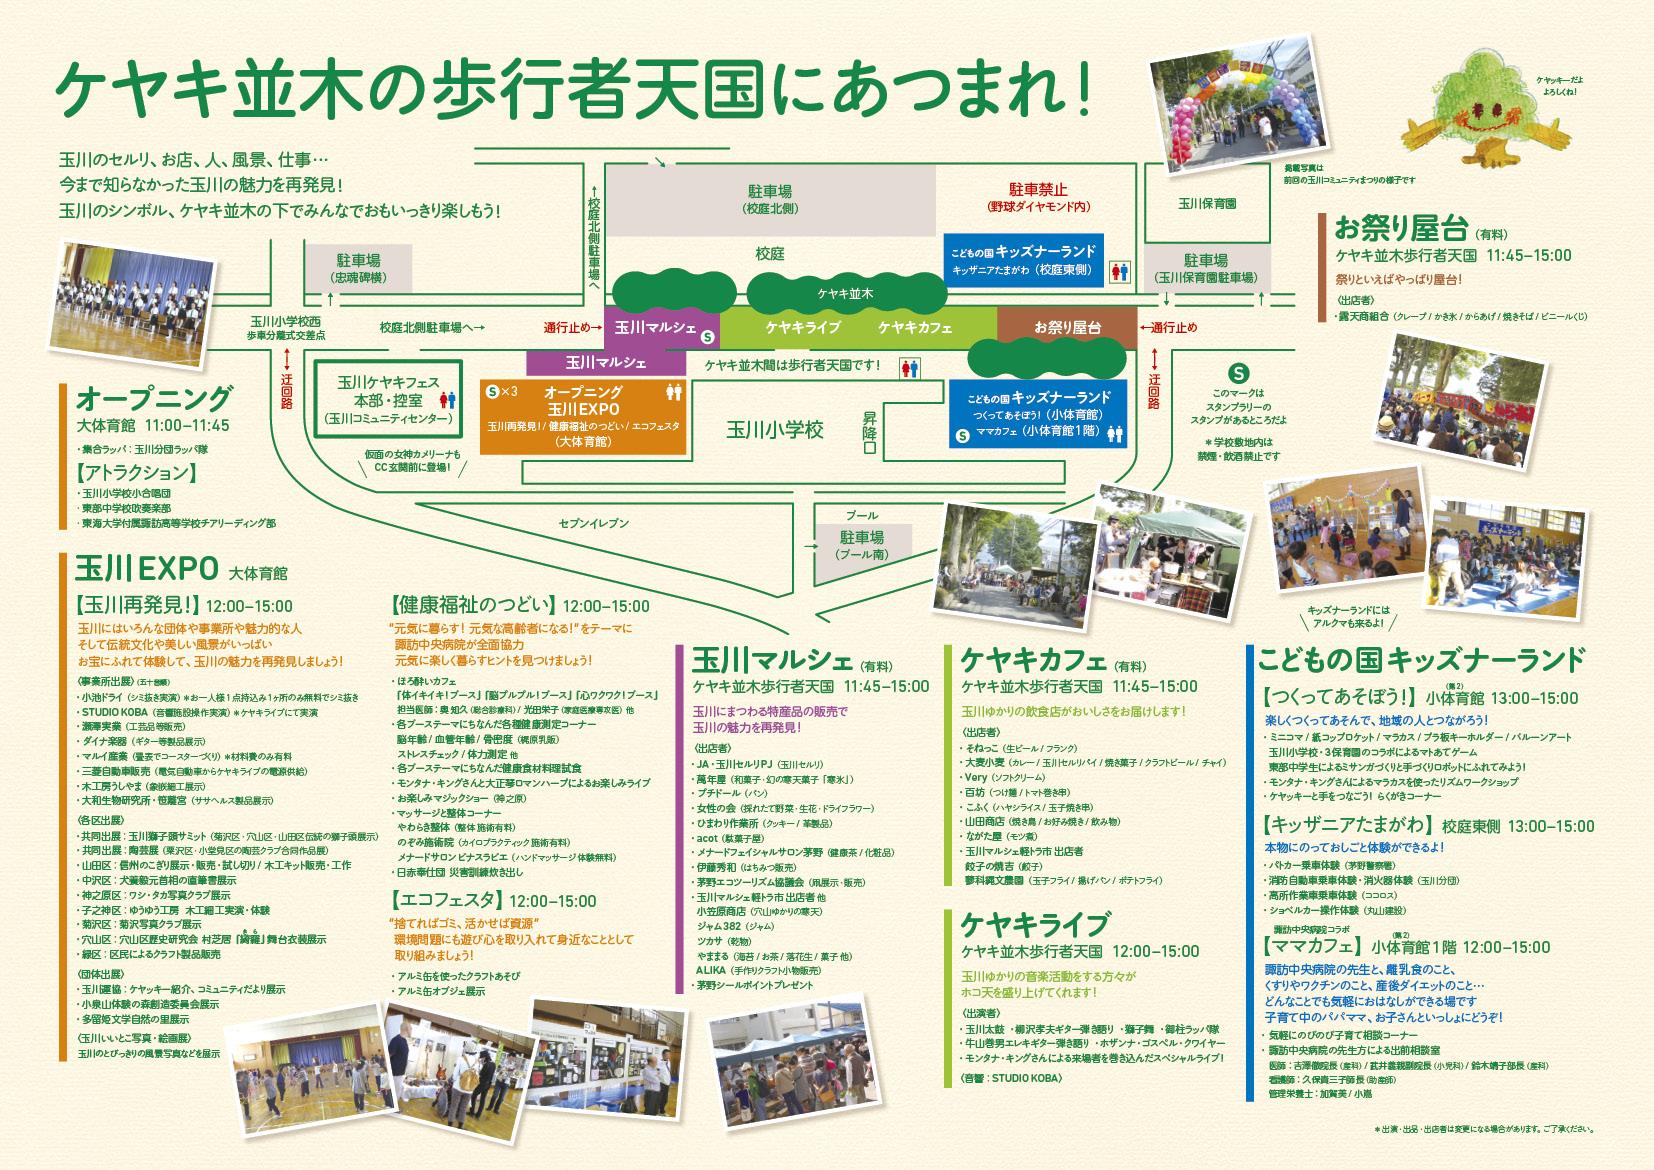 玉川 ケヤキフェス 2017 茅野市